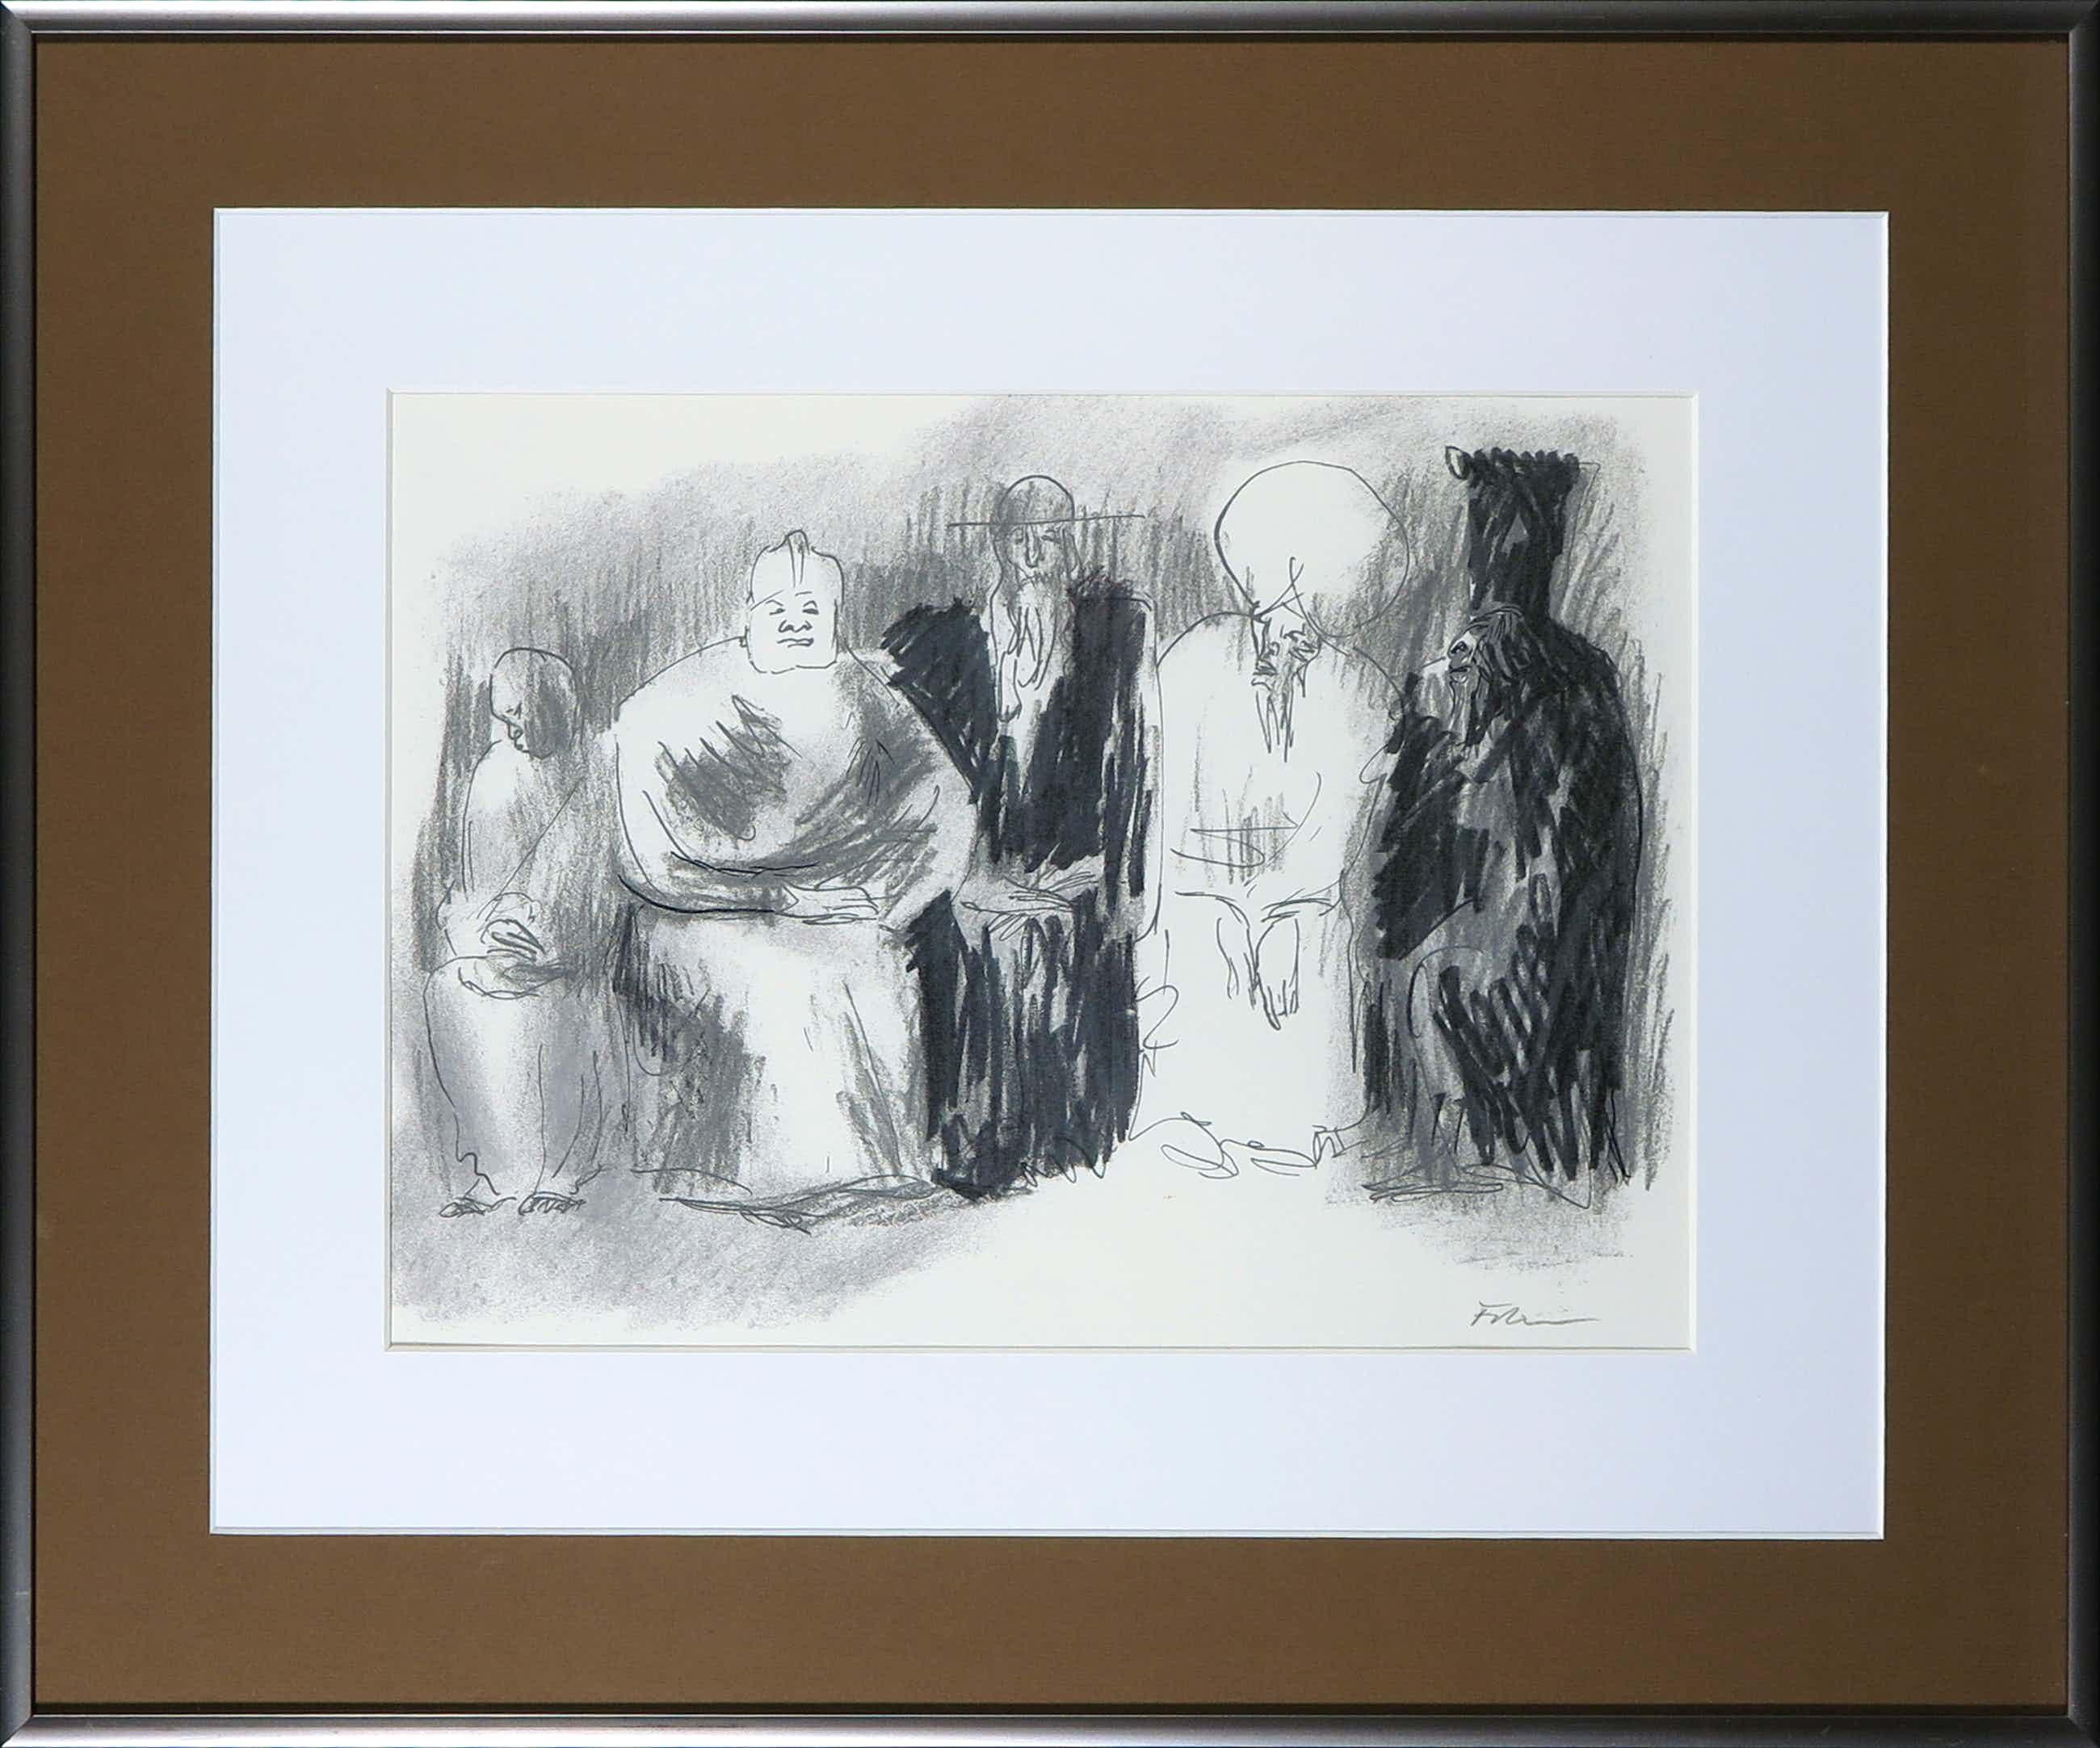 Luis Filcer - Handbewerkte litho, Compositie met figuren - Ingelijst kopen? Bied vanaf 45!